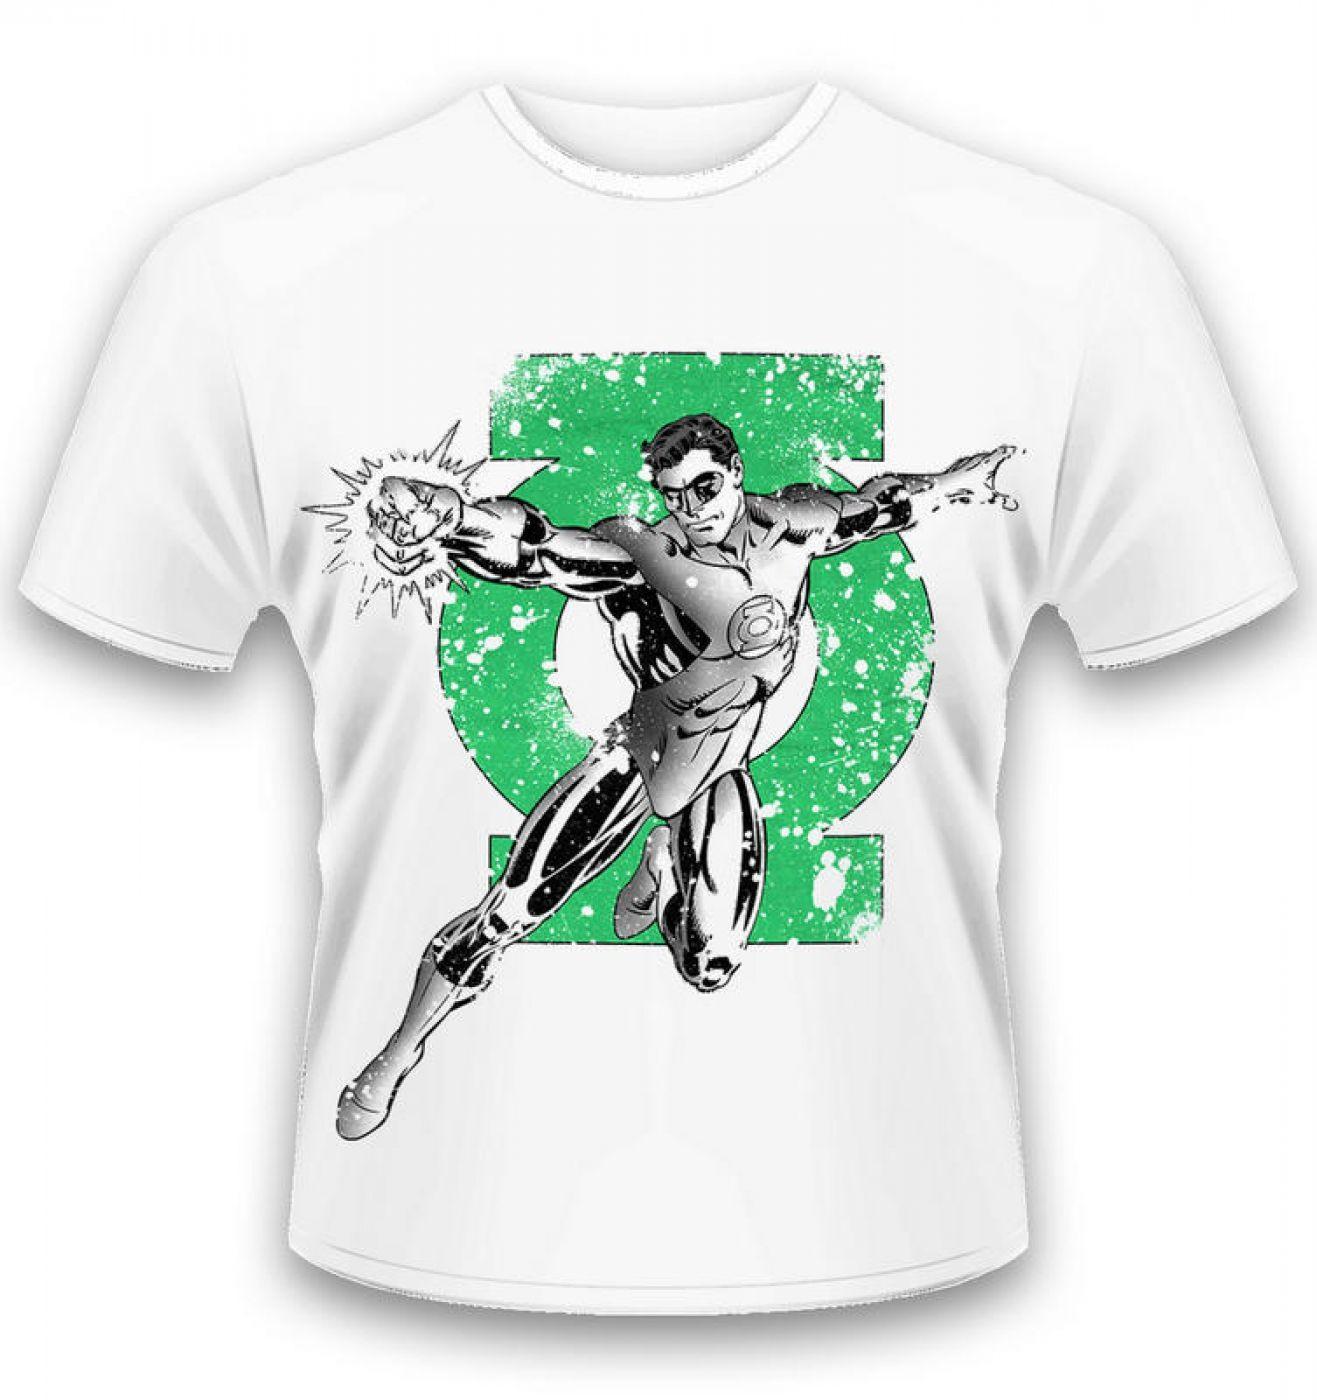 Official Green Lantern t-shirt by DC Originals - Green Lantern Punch t-shirt